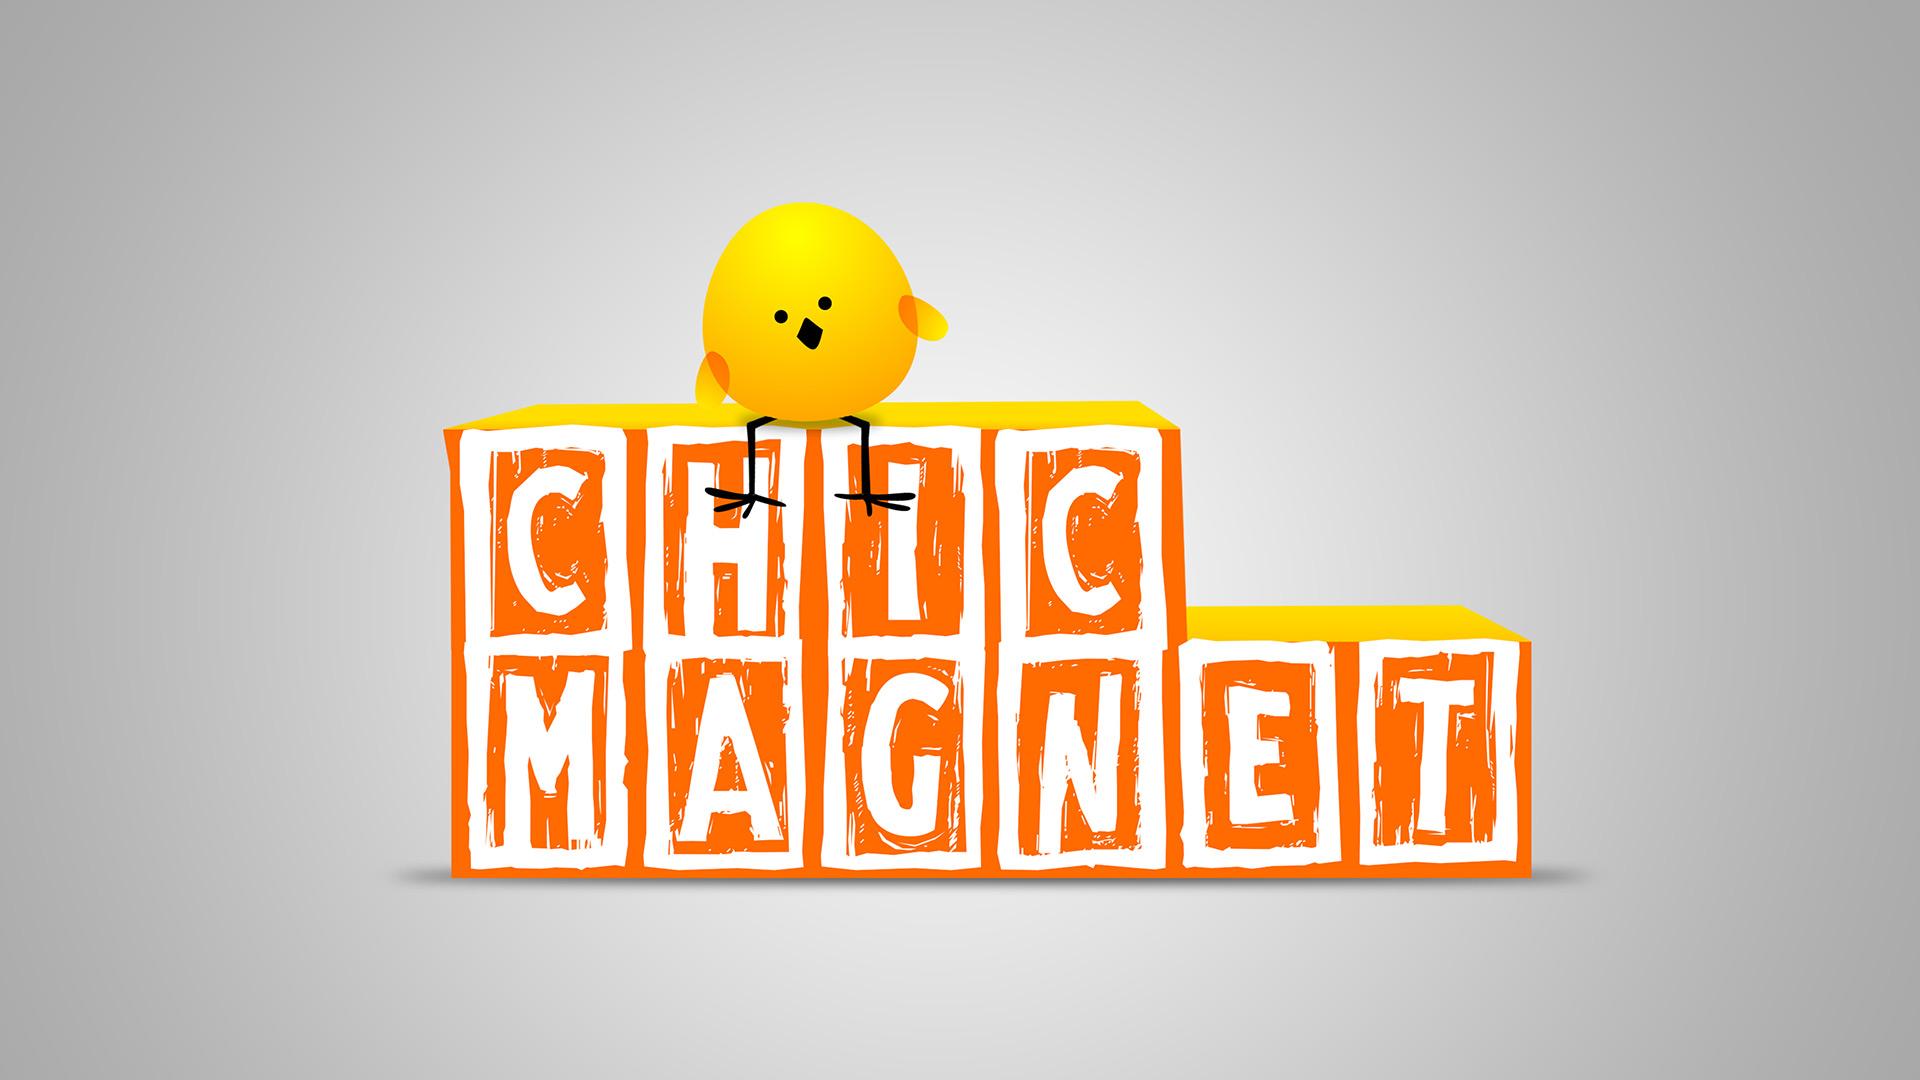 Chic Magnet - Max Soussan Portfolio